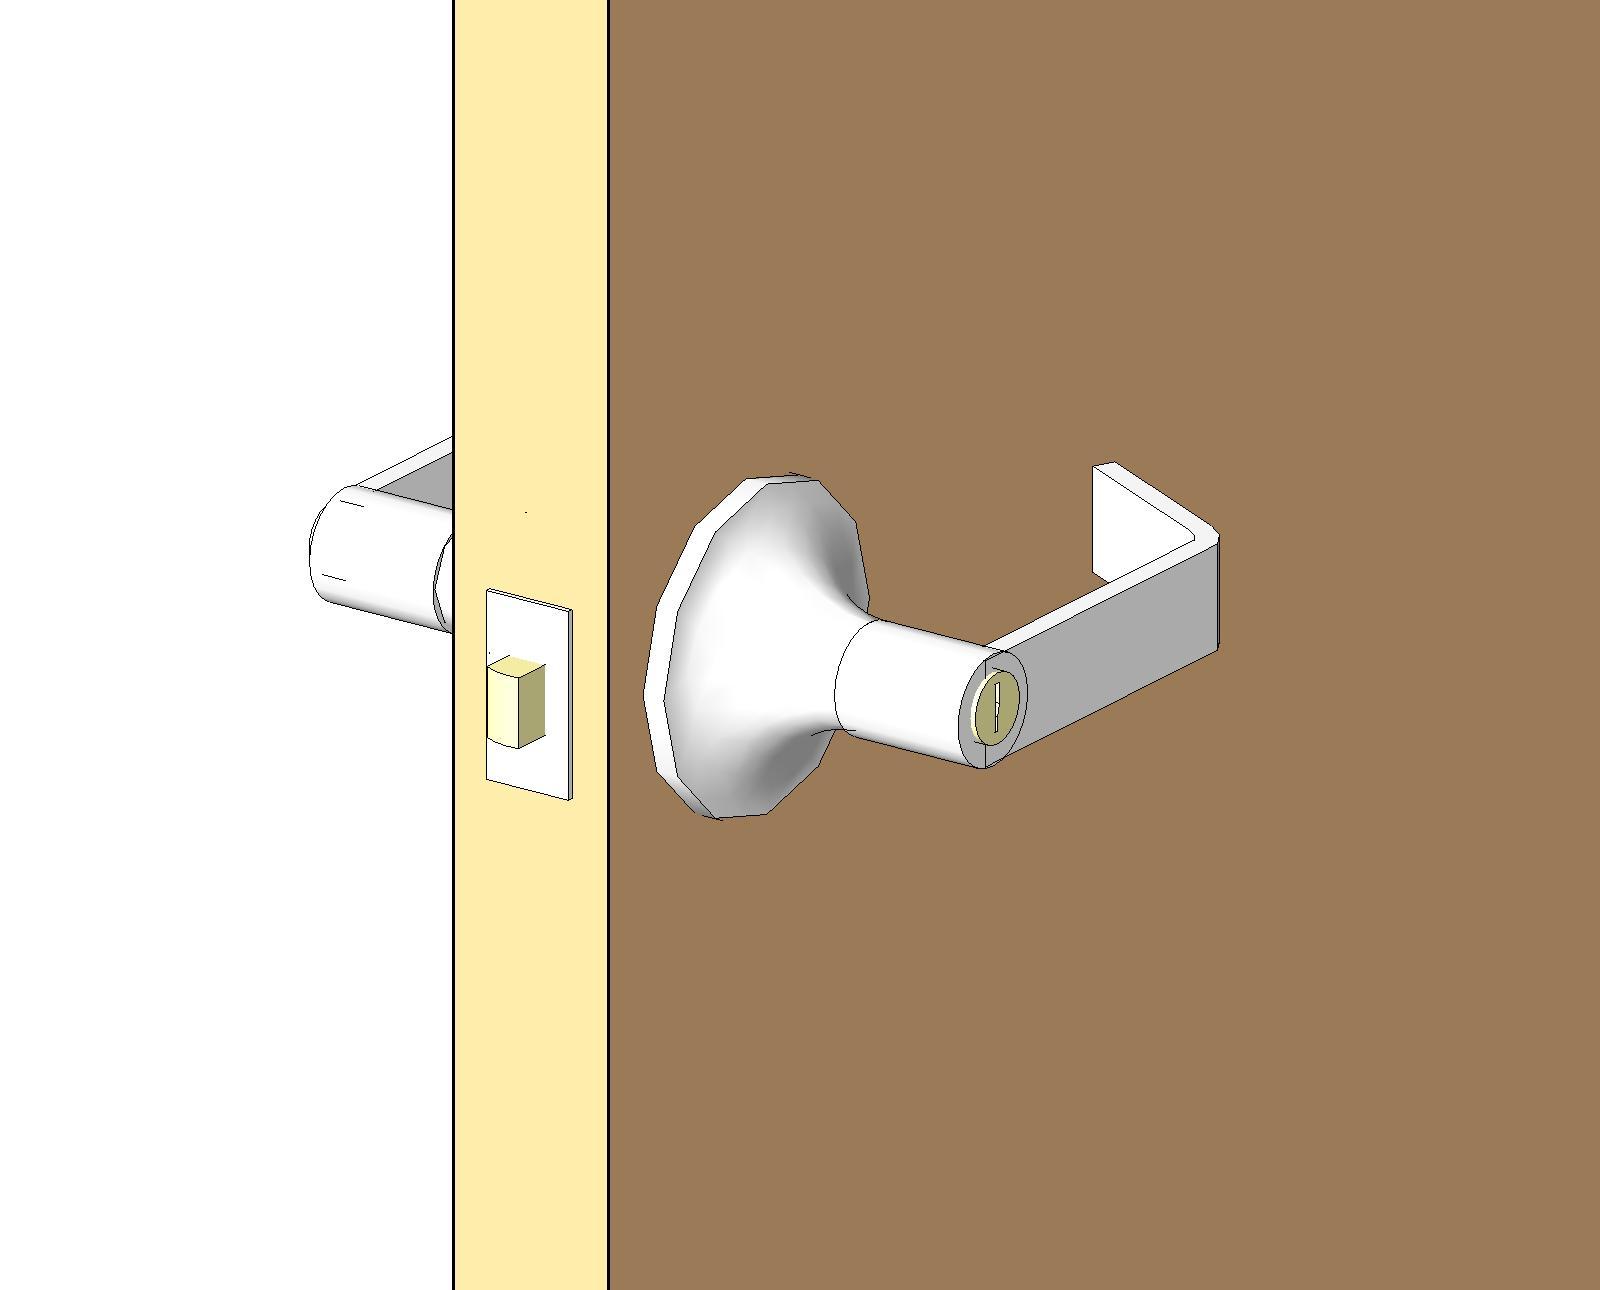 commercial entry door hardware. BIM Content Commercial Entry Door Hardware F